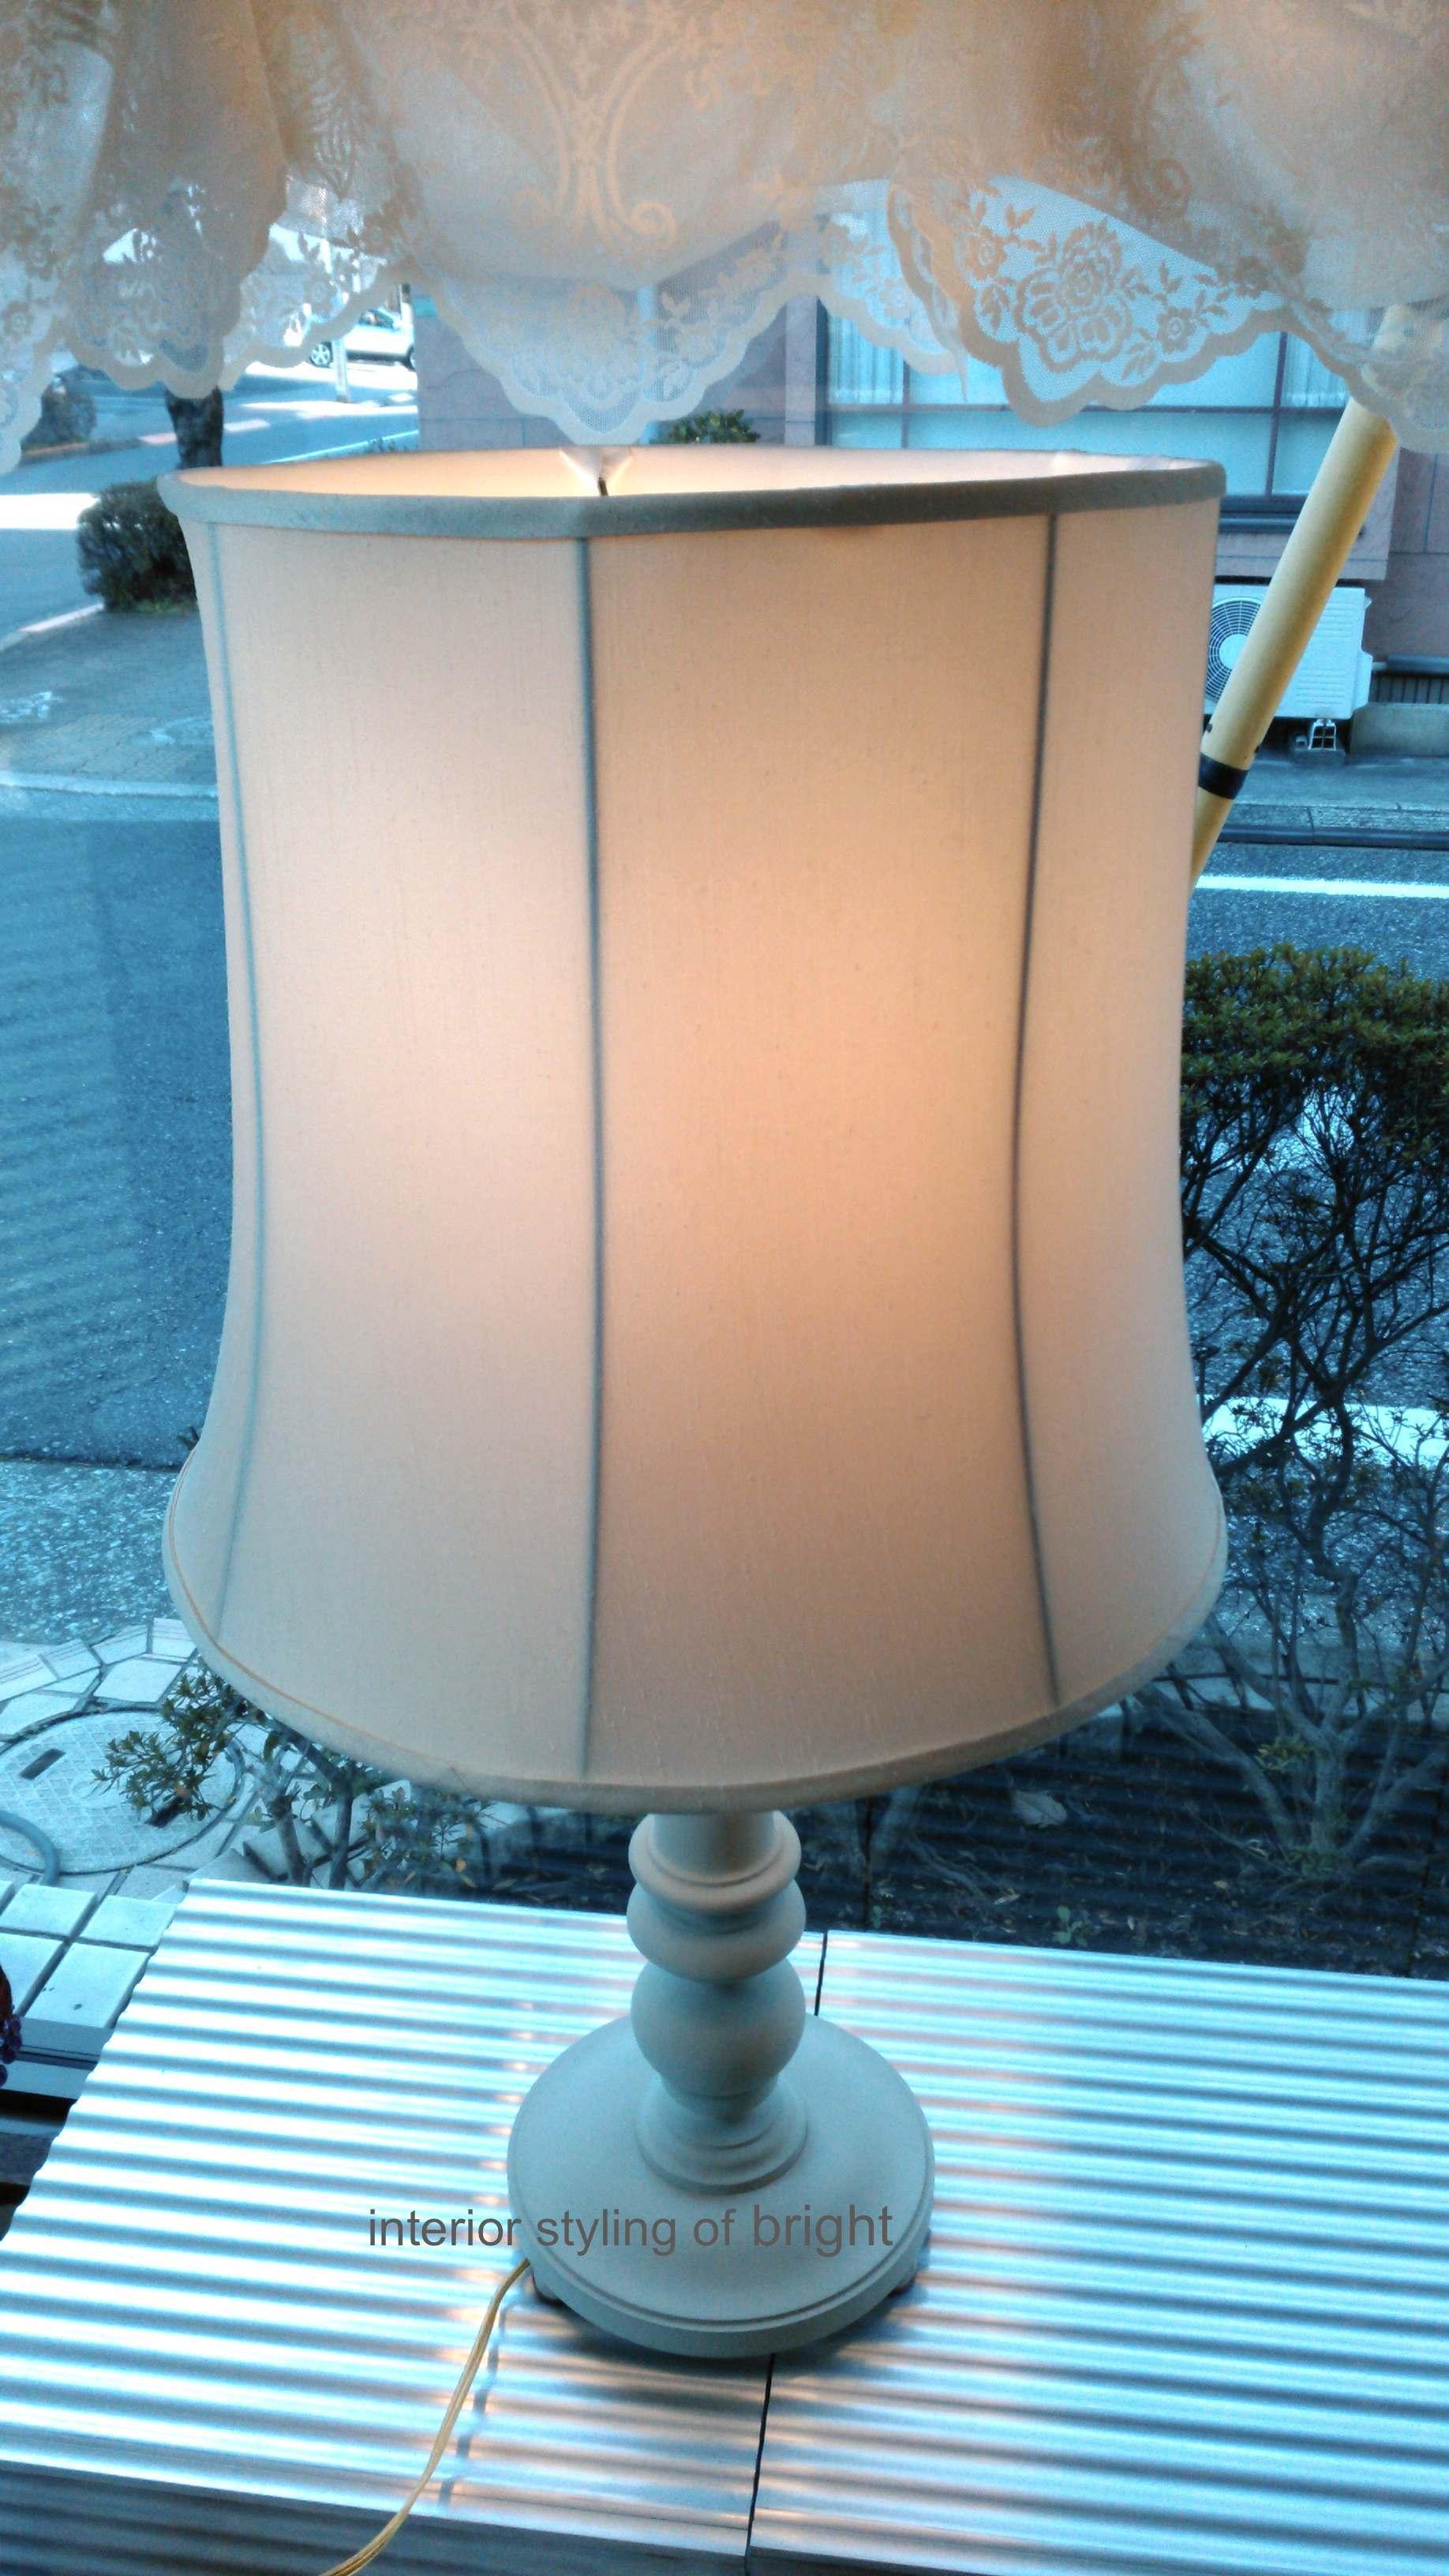 ランプシェード 張替 ウィリアムモリス正規販売店のブライト_c0157866_17320340.jpg